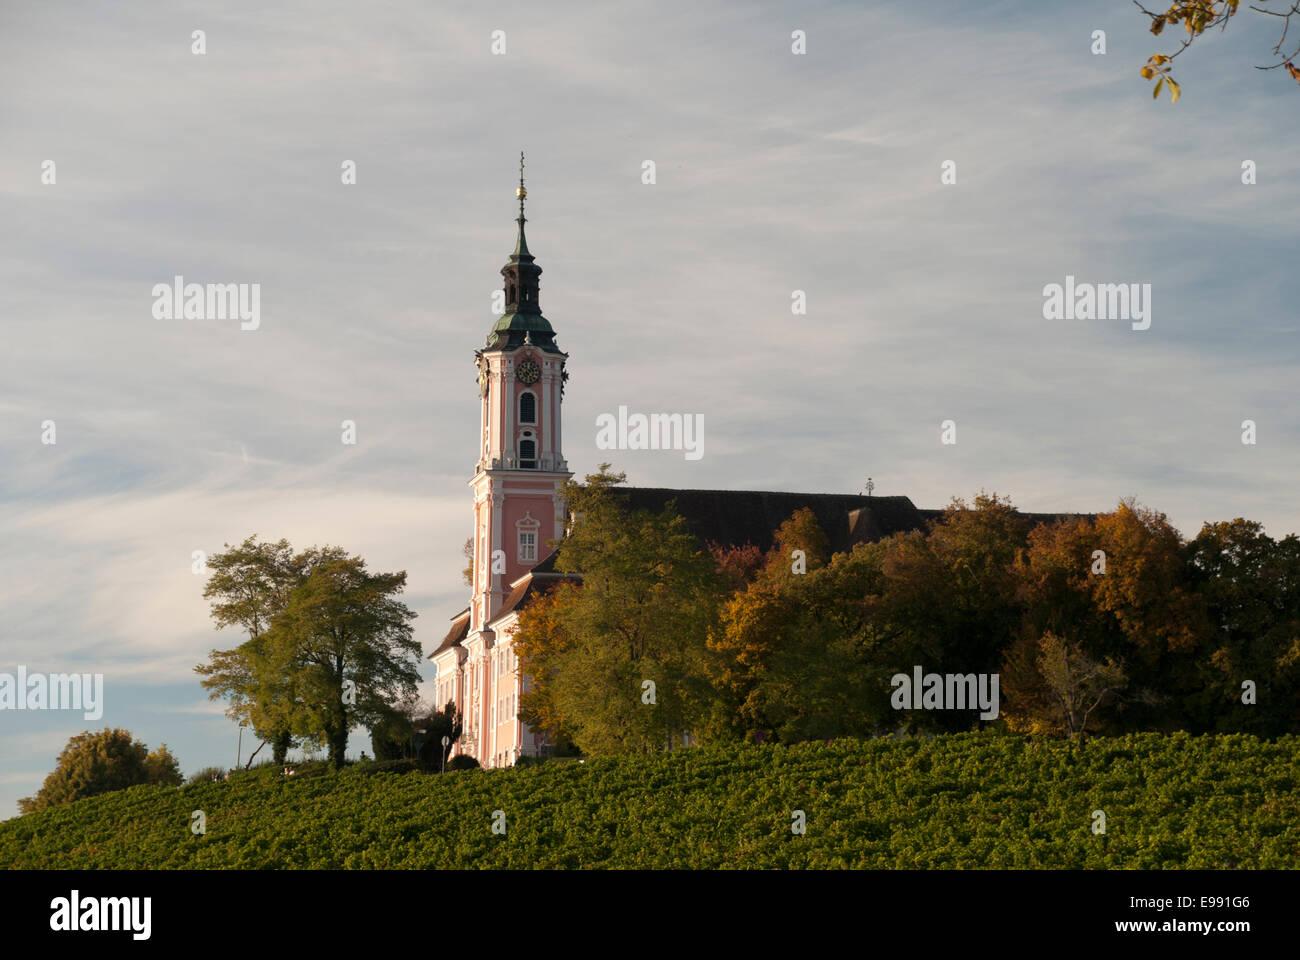 Kloster Birnau - in der Mitte des Vine - Inmitten von Reben Stockbild